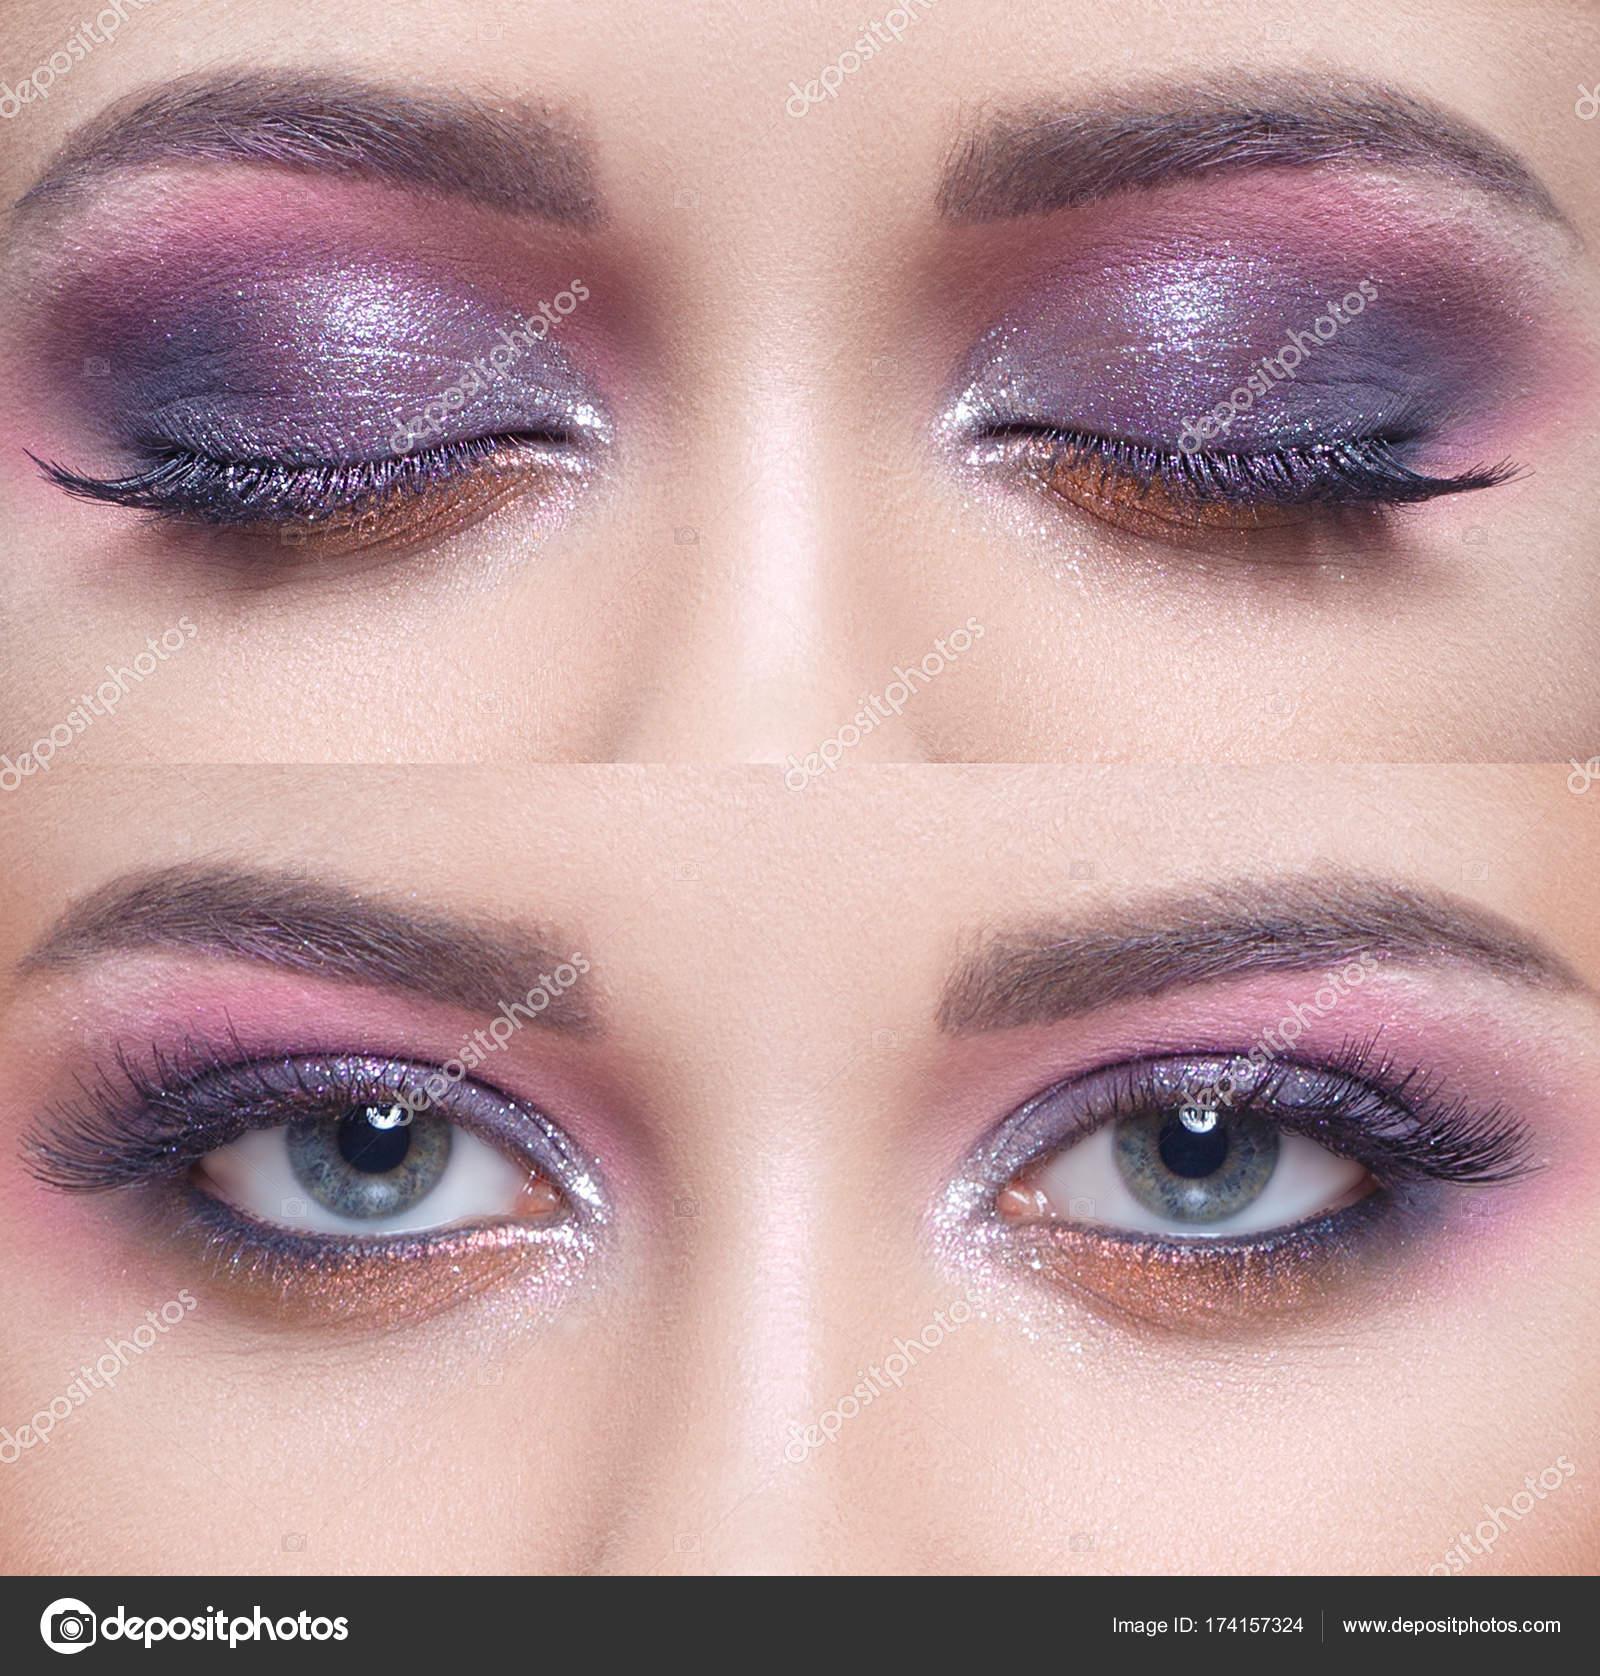 Make Up Für Blaue Augen Stockfoto Alterphoto 174157324